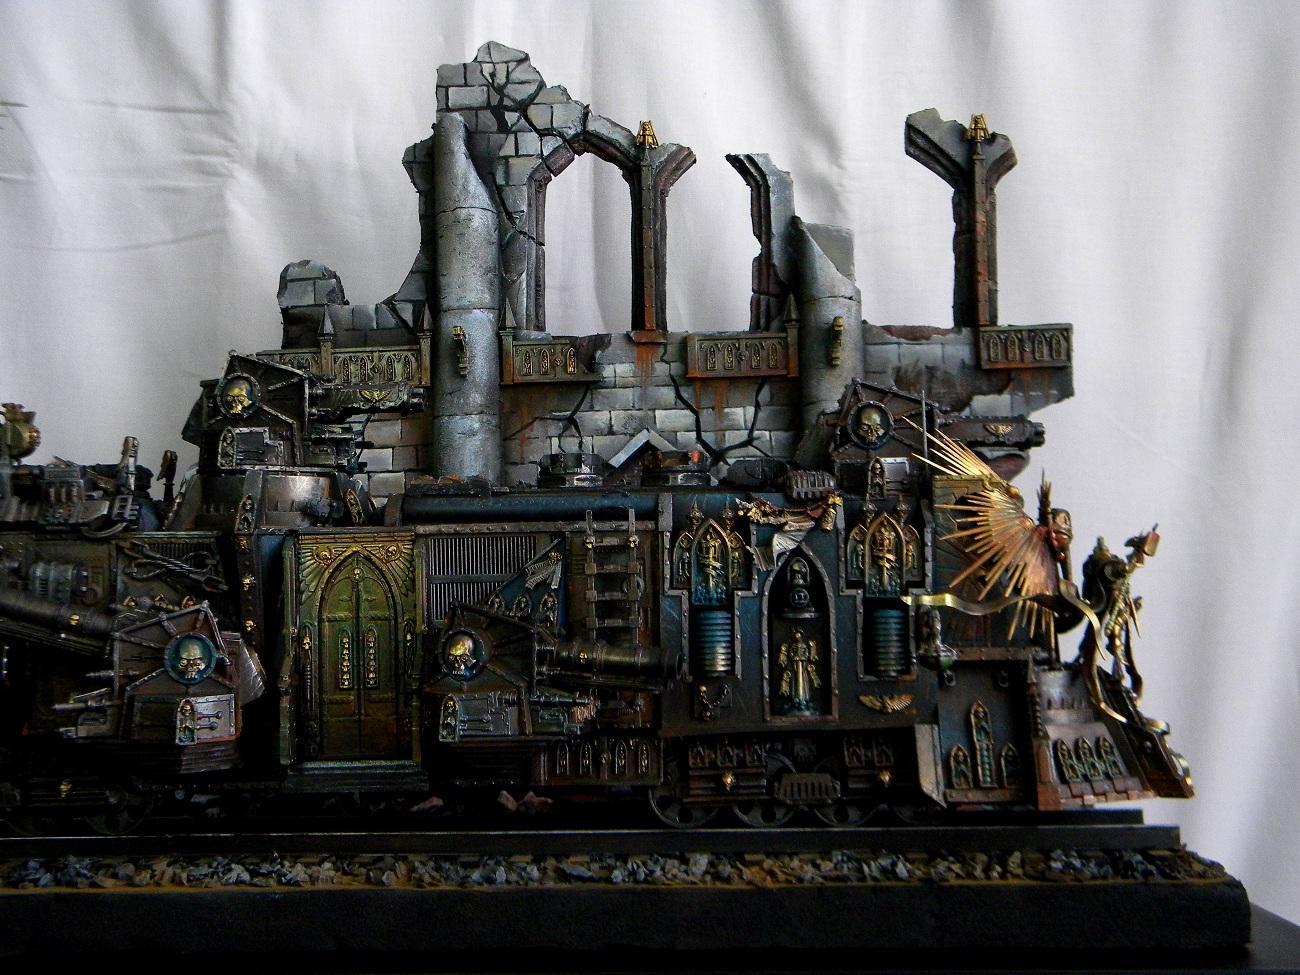 Diorama, Imperial, Train